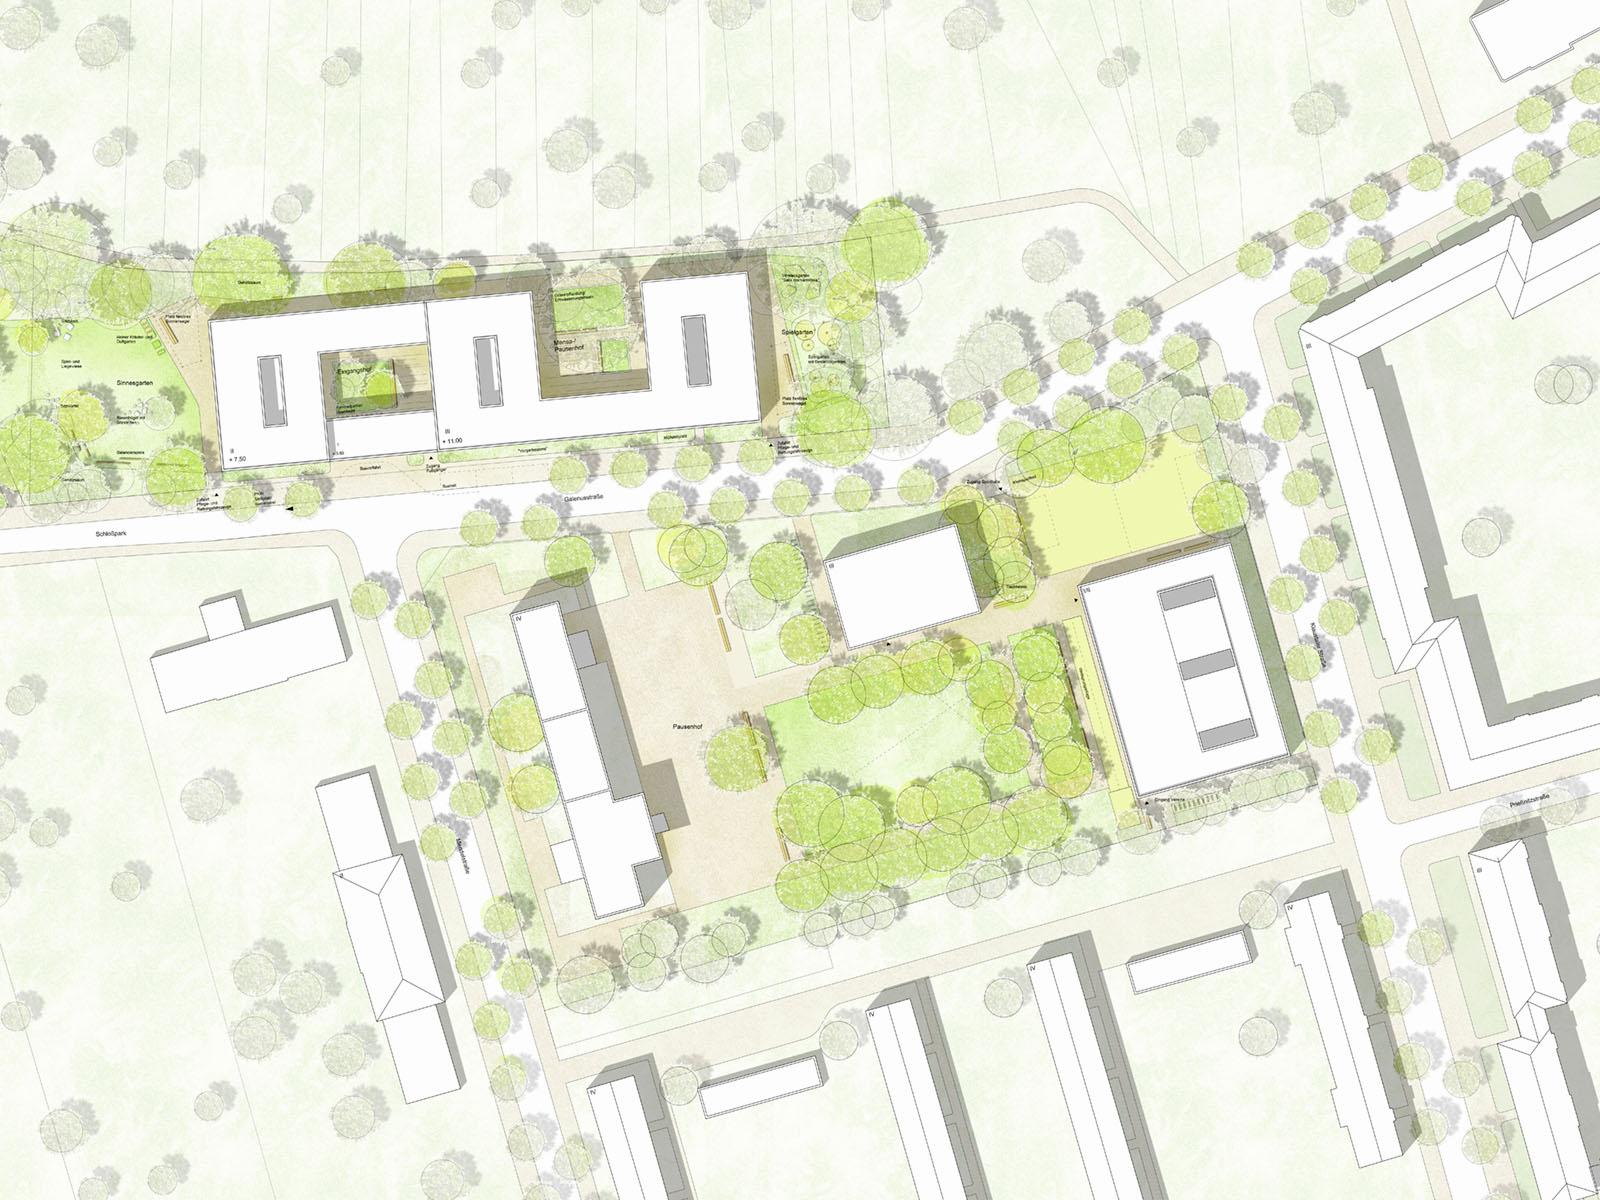 Wettbewerb-Panke-Schule-Berlin-Pankow-Anerkennung-Friedrich-Poerschke-Zwink-Architekten